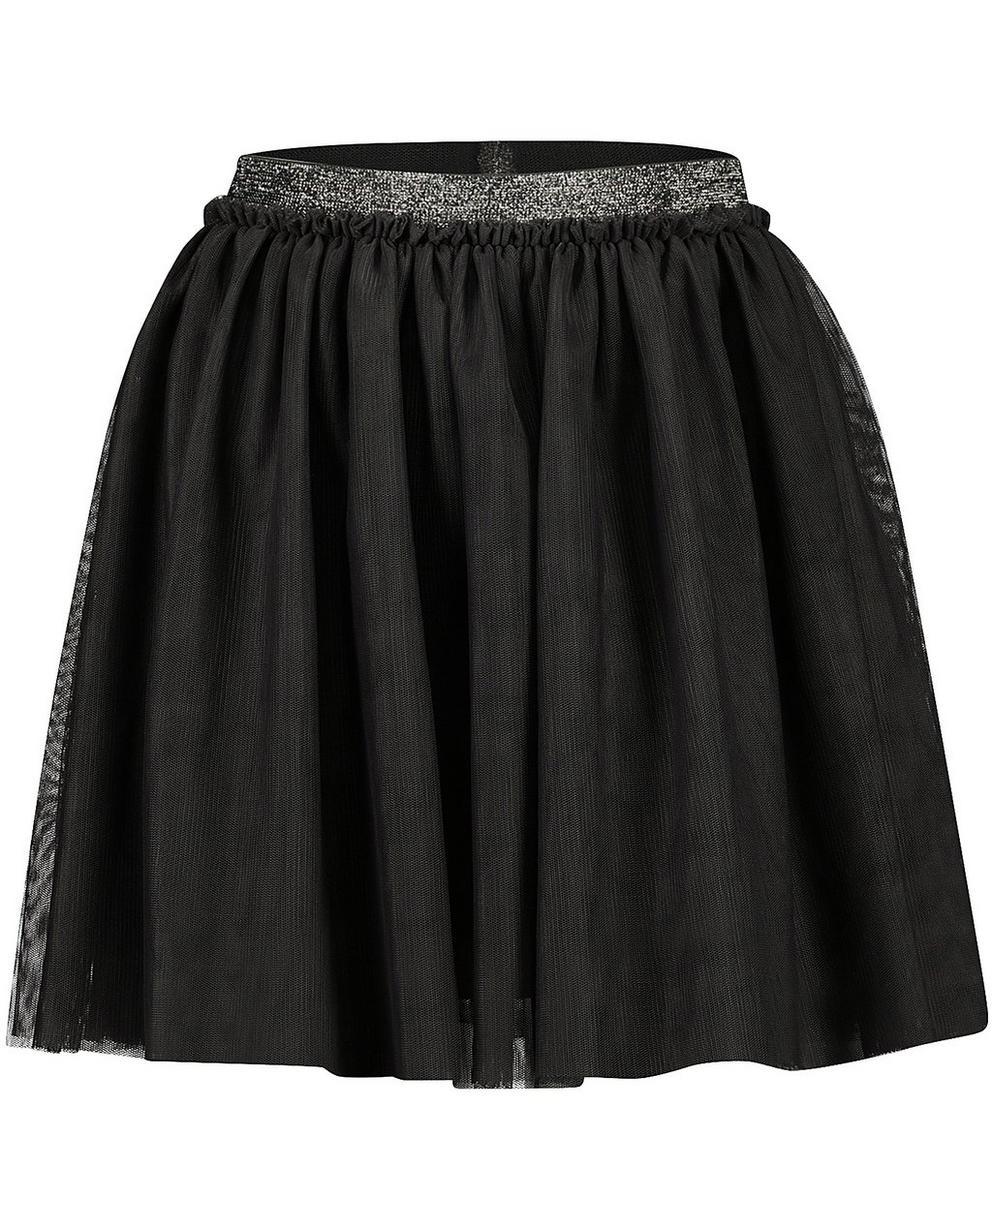 Röcke - Schwarz -